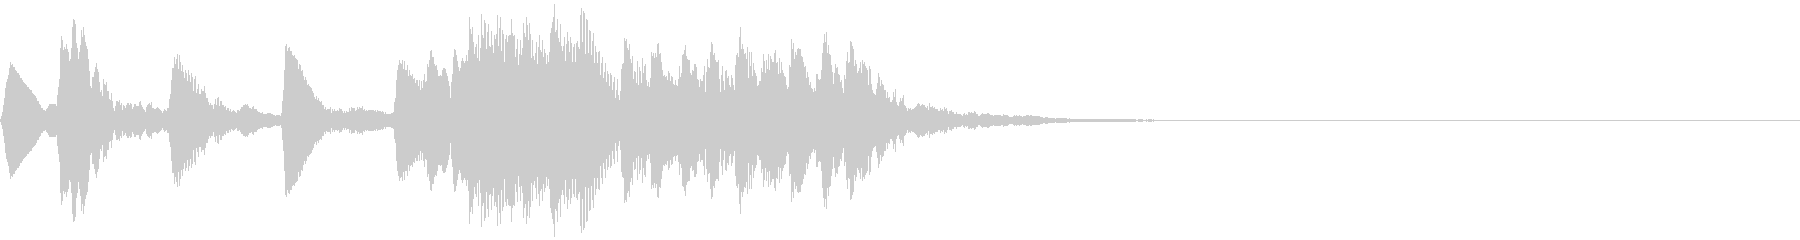 低い音のレベルアップ音【1】の未再生の波形